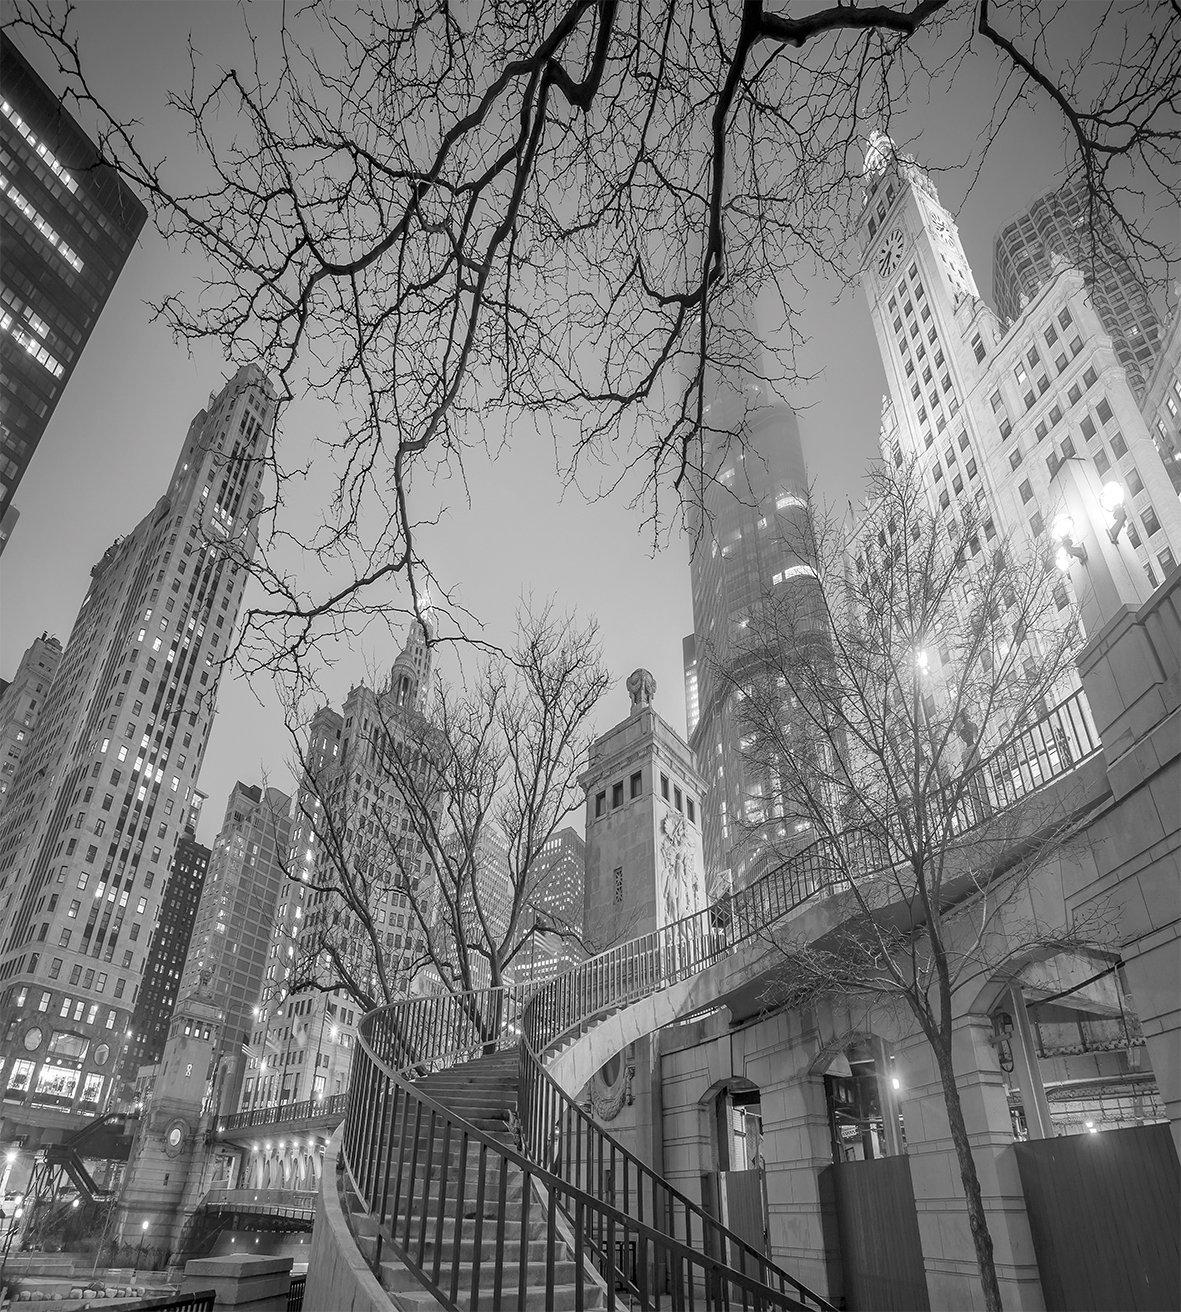 Черно белые украшения, набор пододеяльников для пуховых одеял, Чикаго, центр города, ночь, высотные здания, ветви деревьев, декоративный Комплект постельного белья из 4 предметов - 2